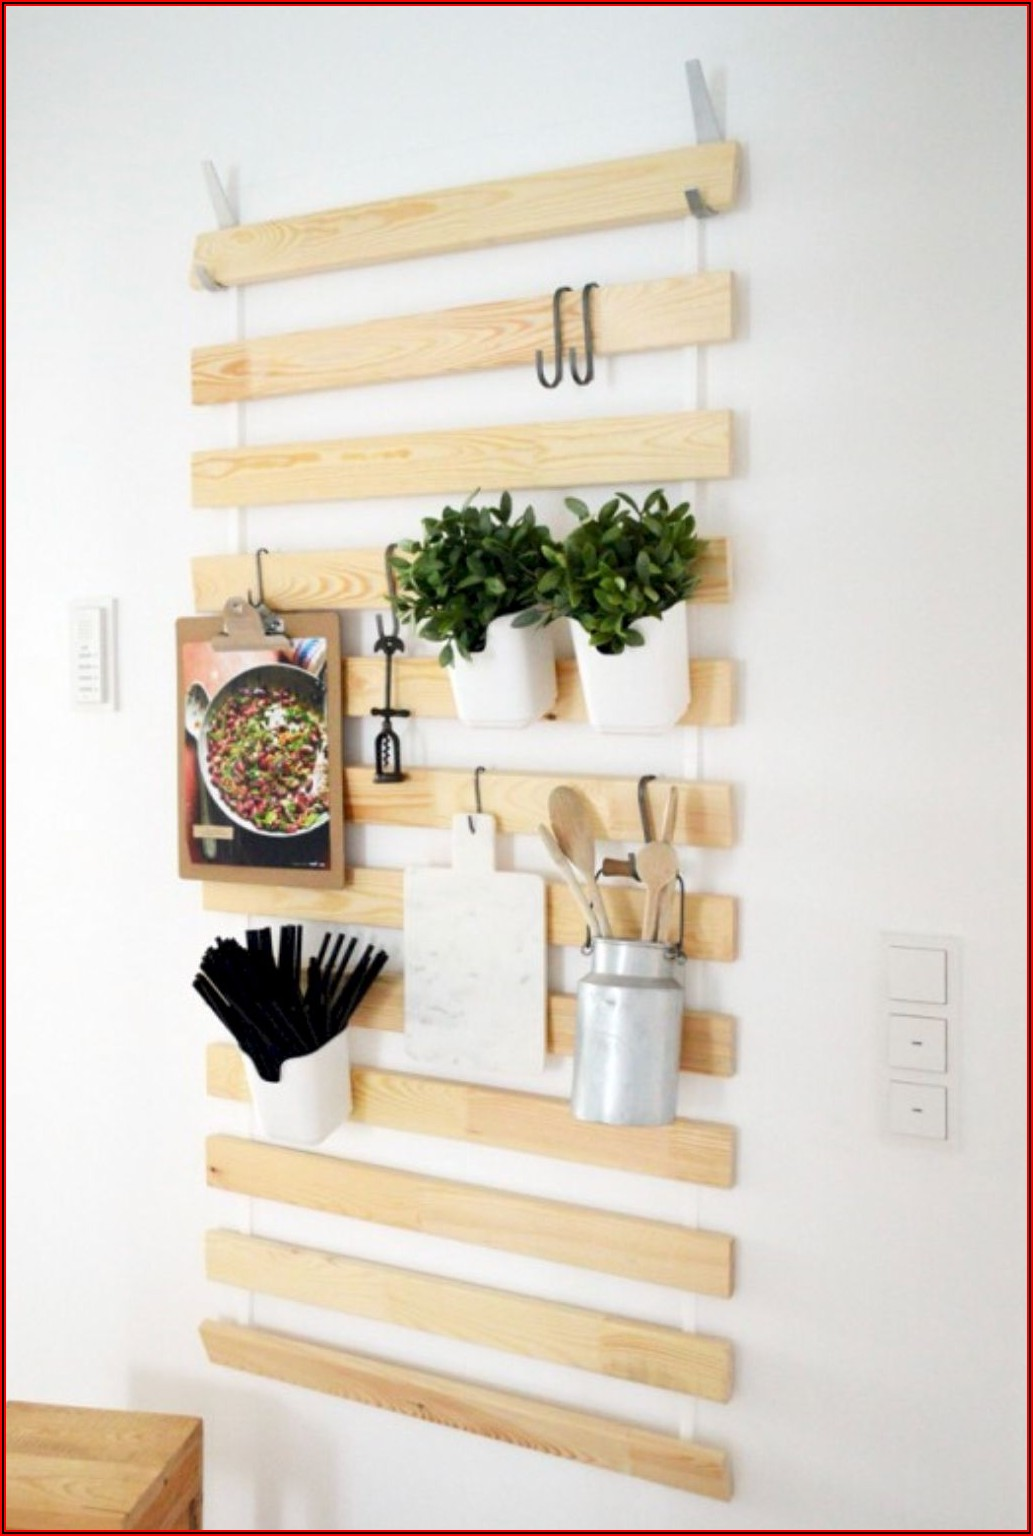 Kosten Kleine Küche Ikea - Küche : House und Dekor Galerie ...